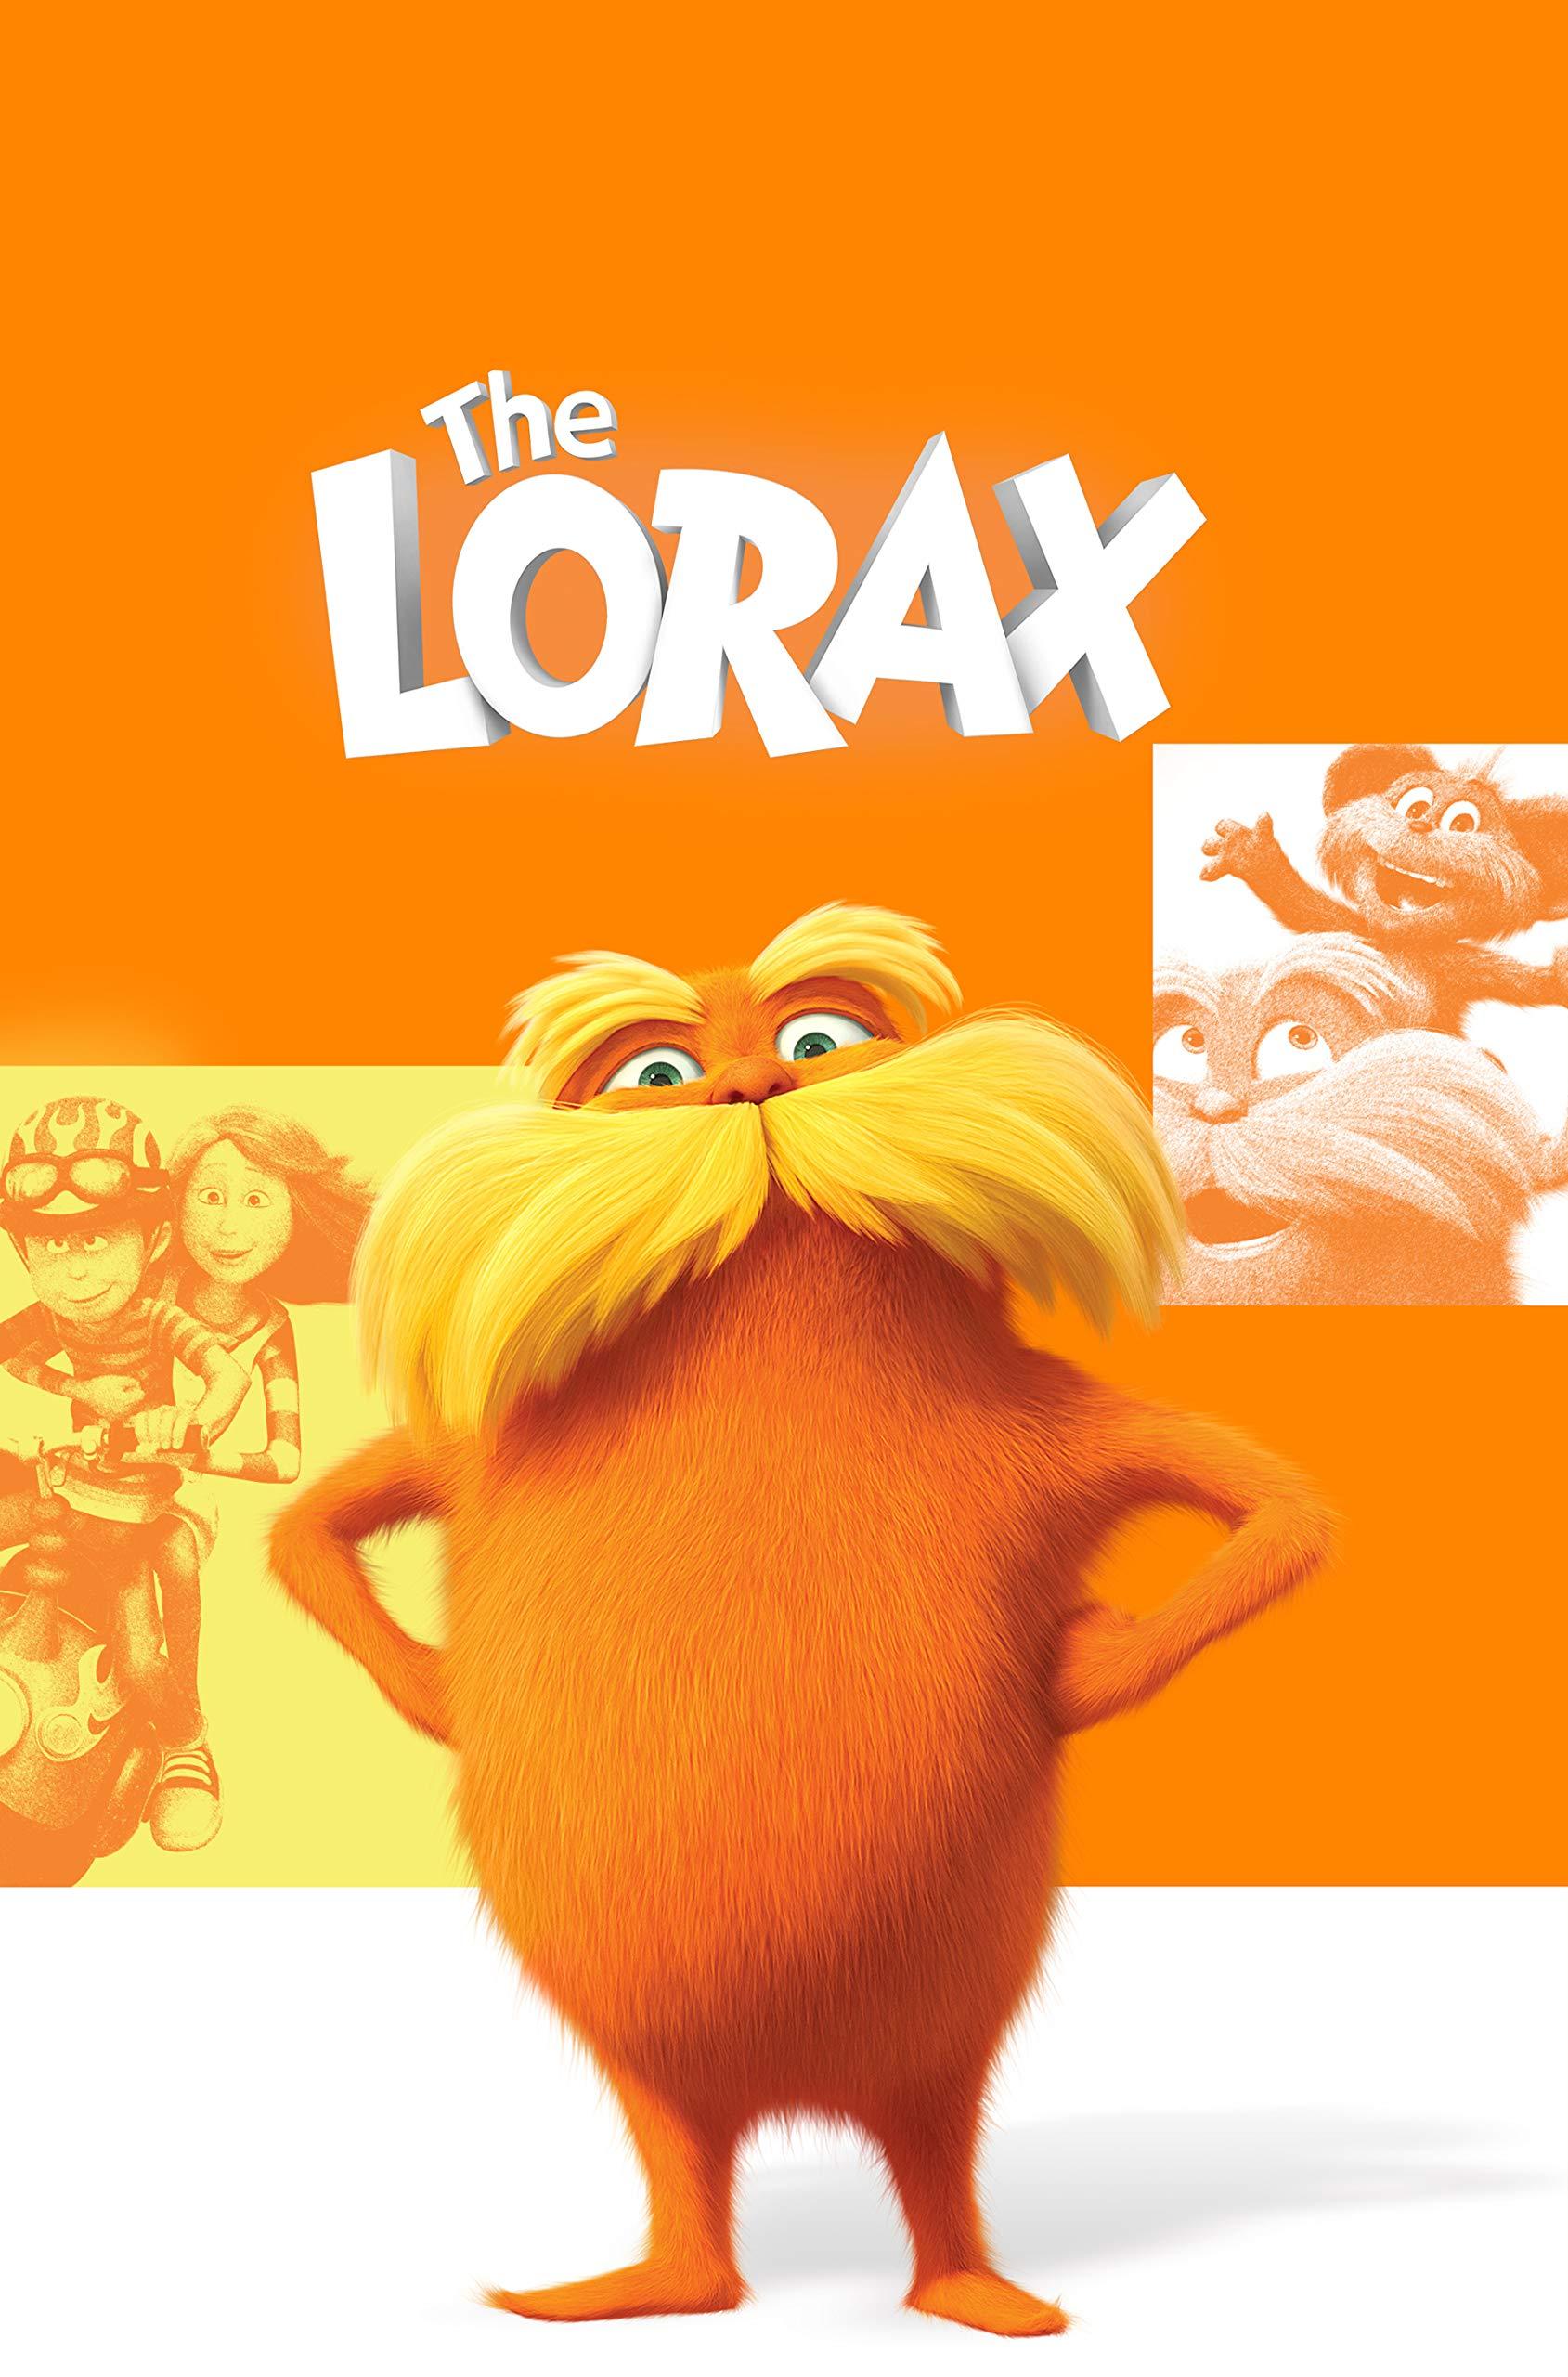 The Lorax: Screenplay